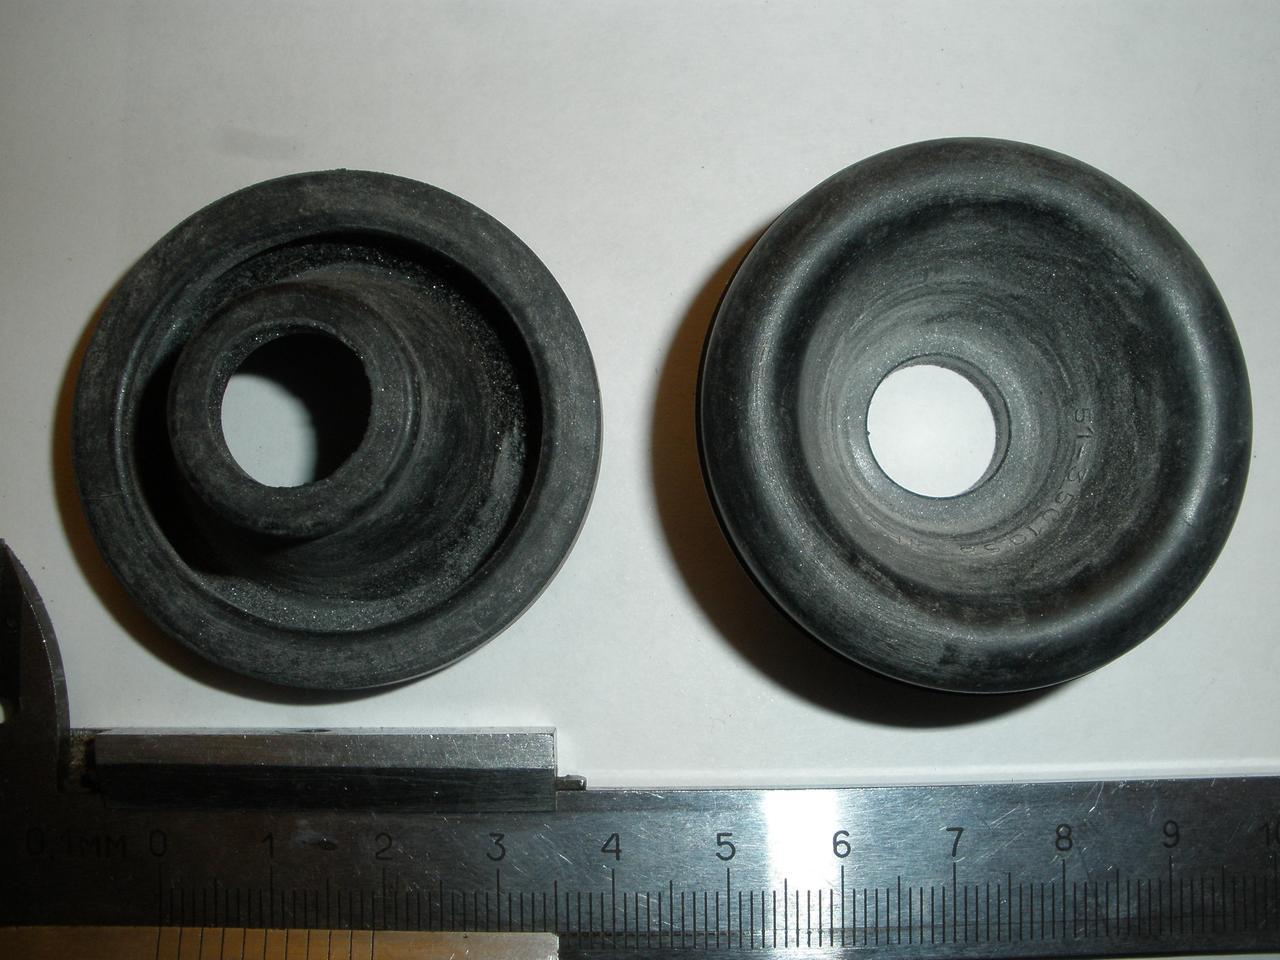 Пыльник рабочего тормозного цилиндра переднего ПАЗ 672М, 32053, 3205 (51-3501058 пр-во ЯРТИ)